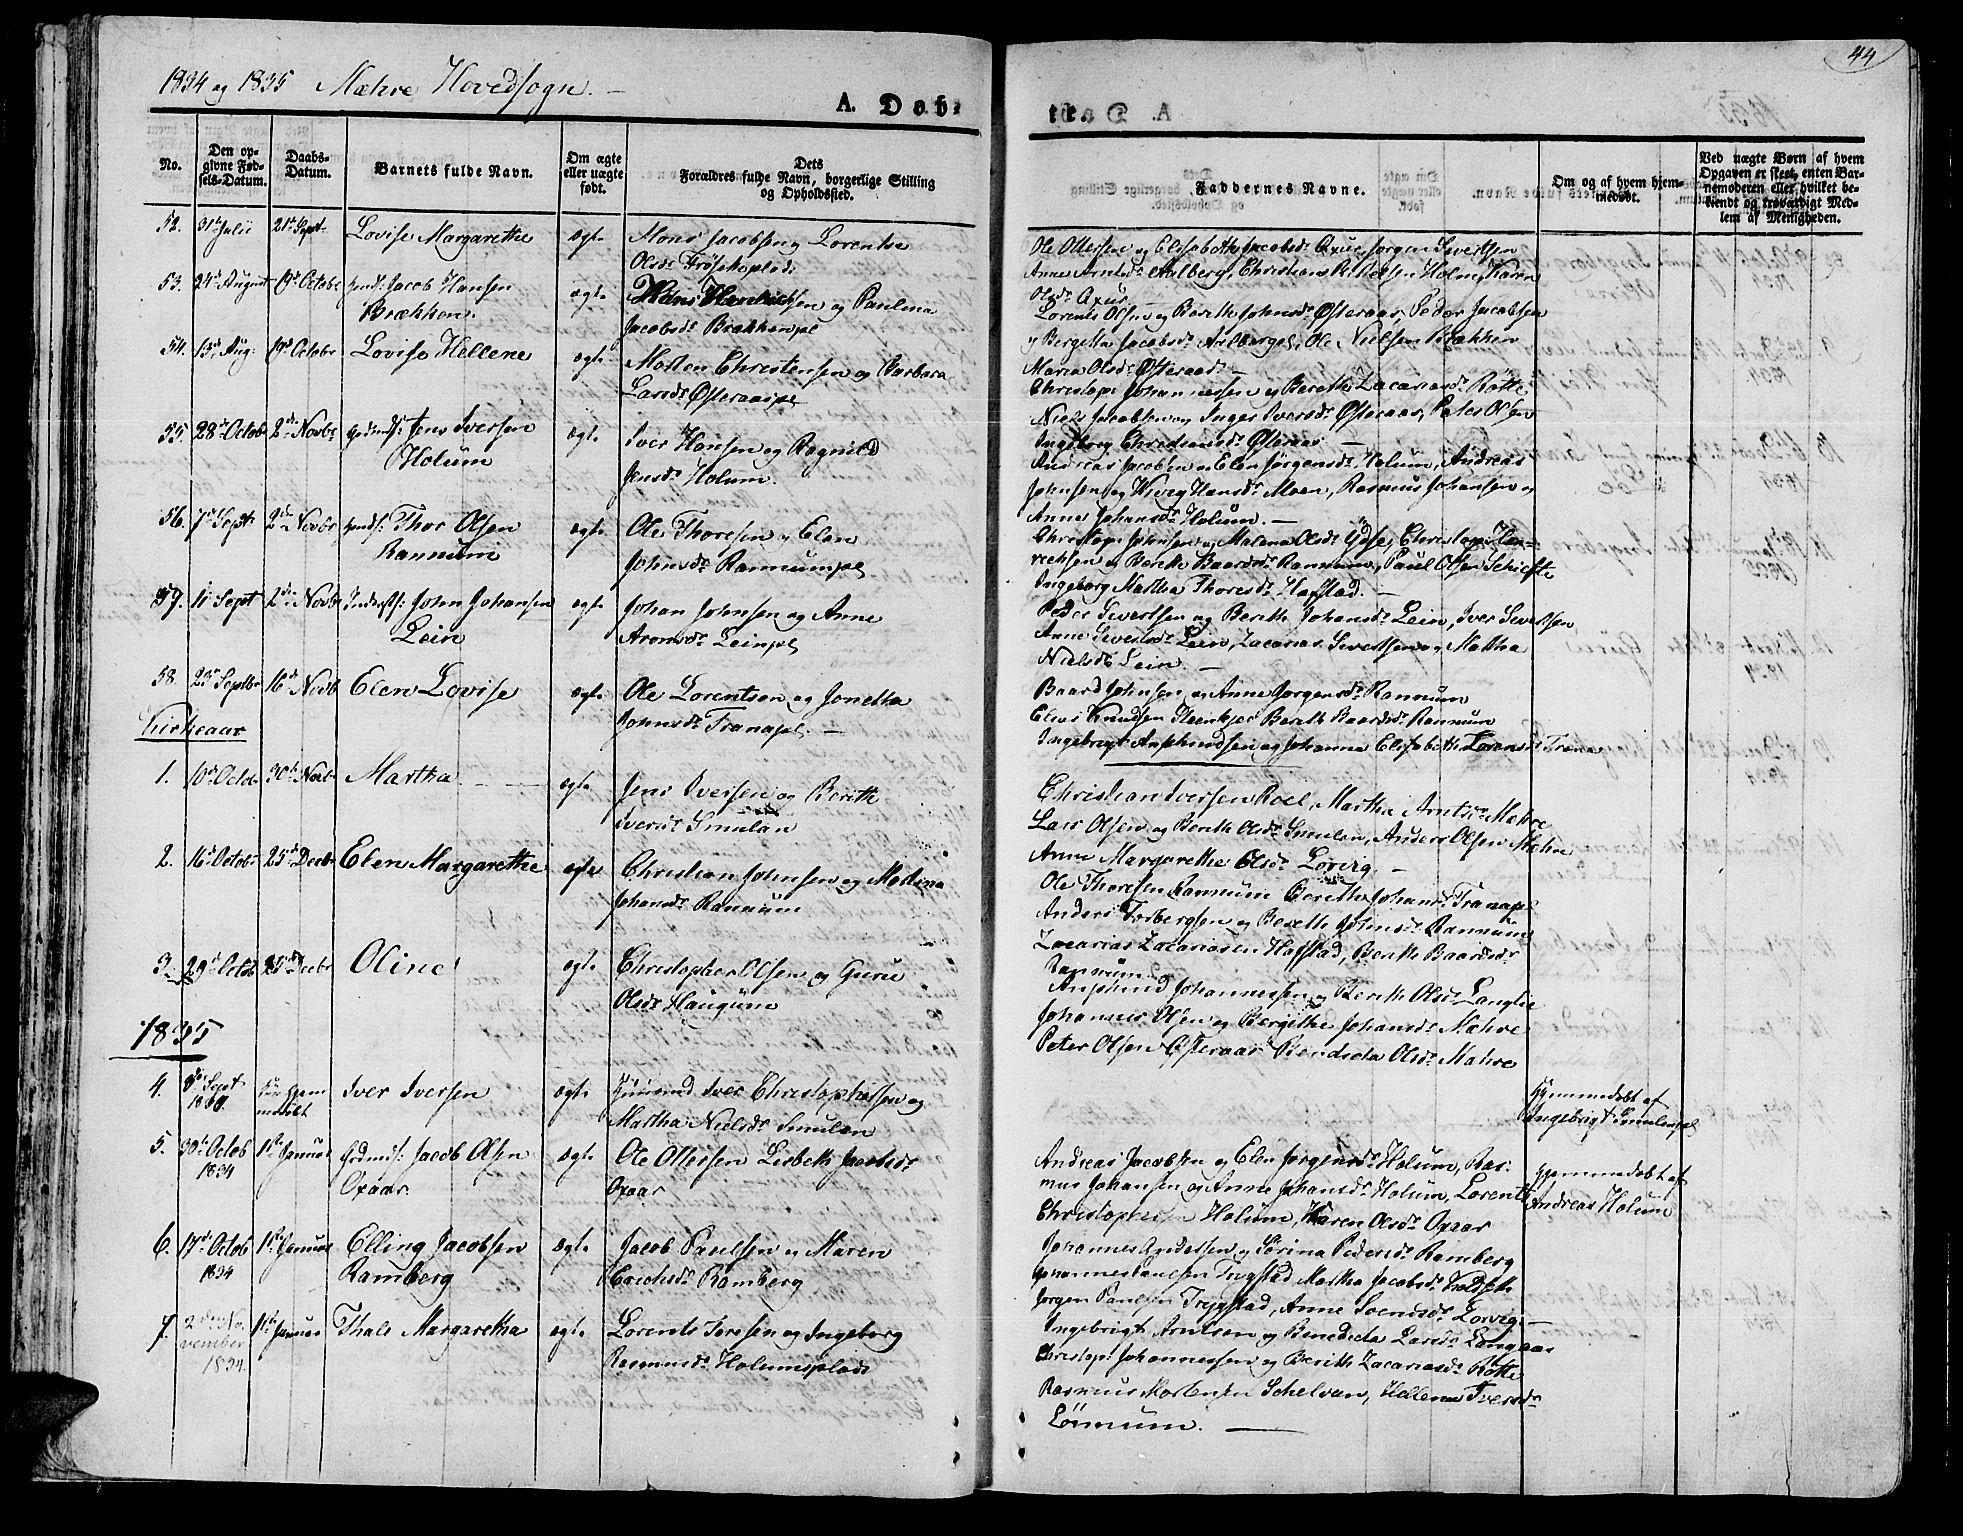 SAT, Ministerialprotokoller, klokkerbøker og fødselsregistre - Nord-Trøndelag, 735/L0336: Ministerialbok nr. 735A05 /1, 1825-1835, s. 44